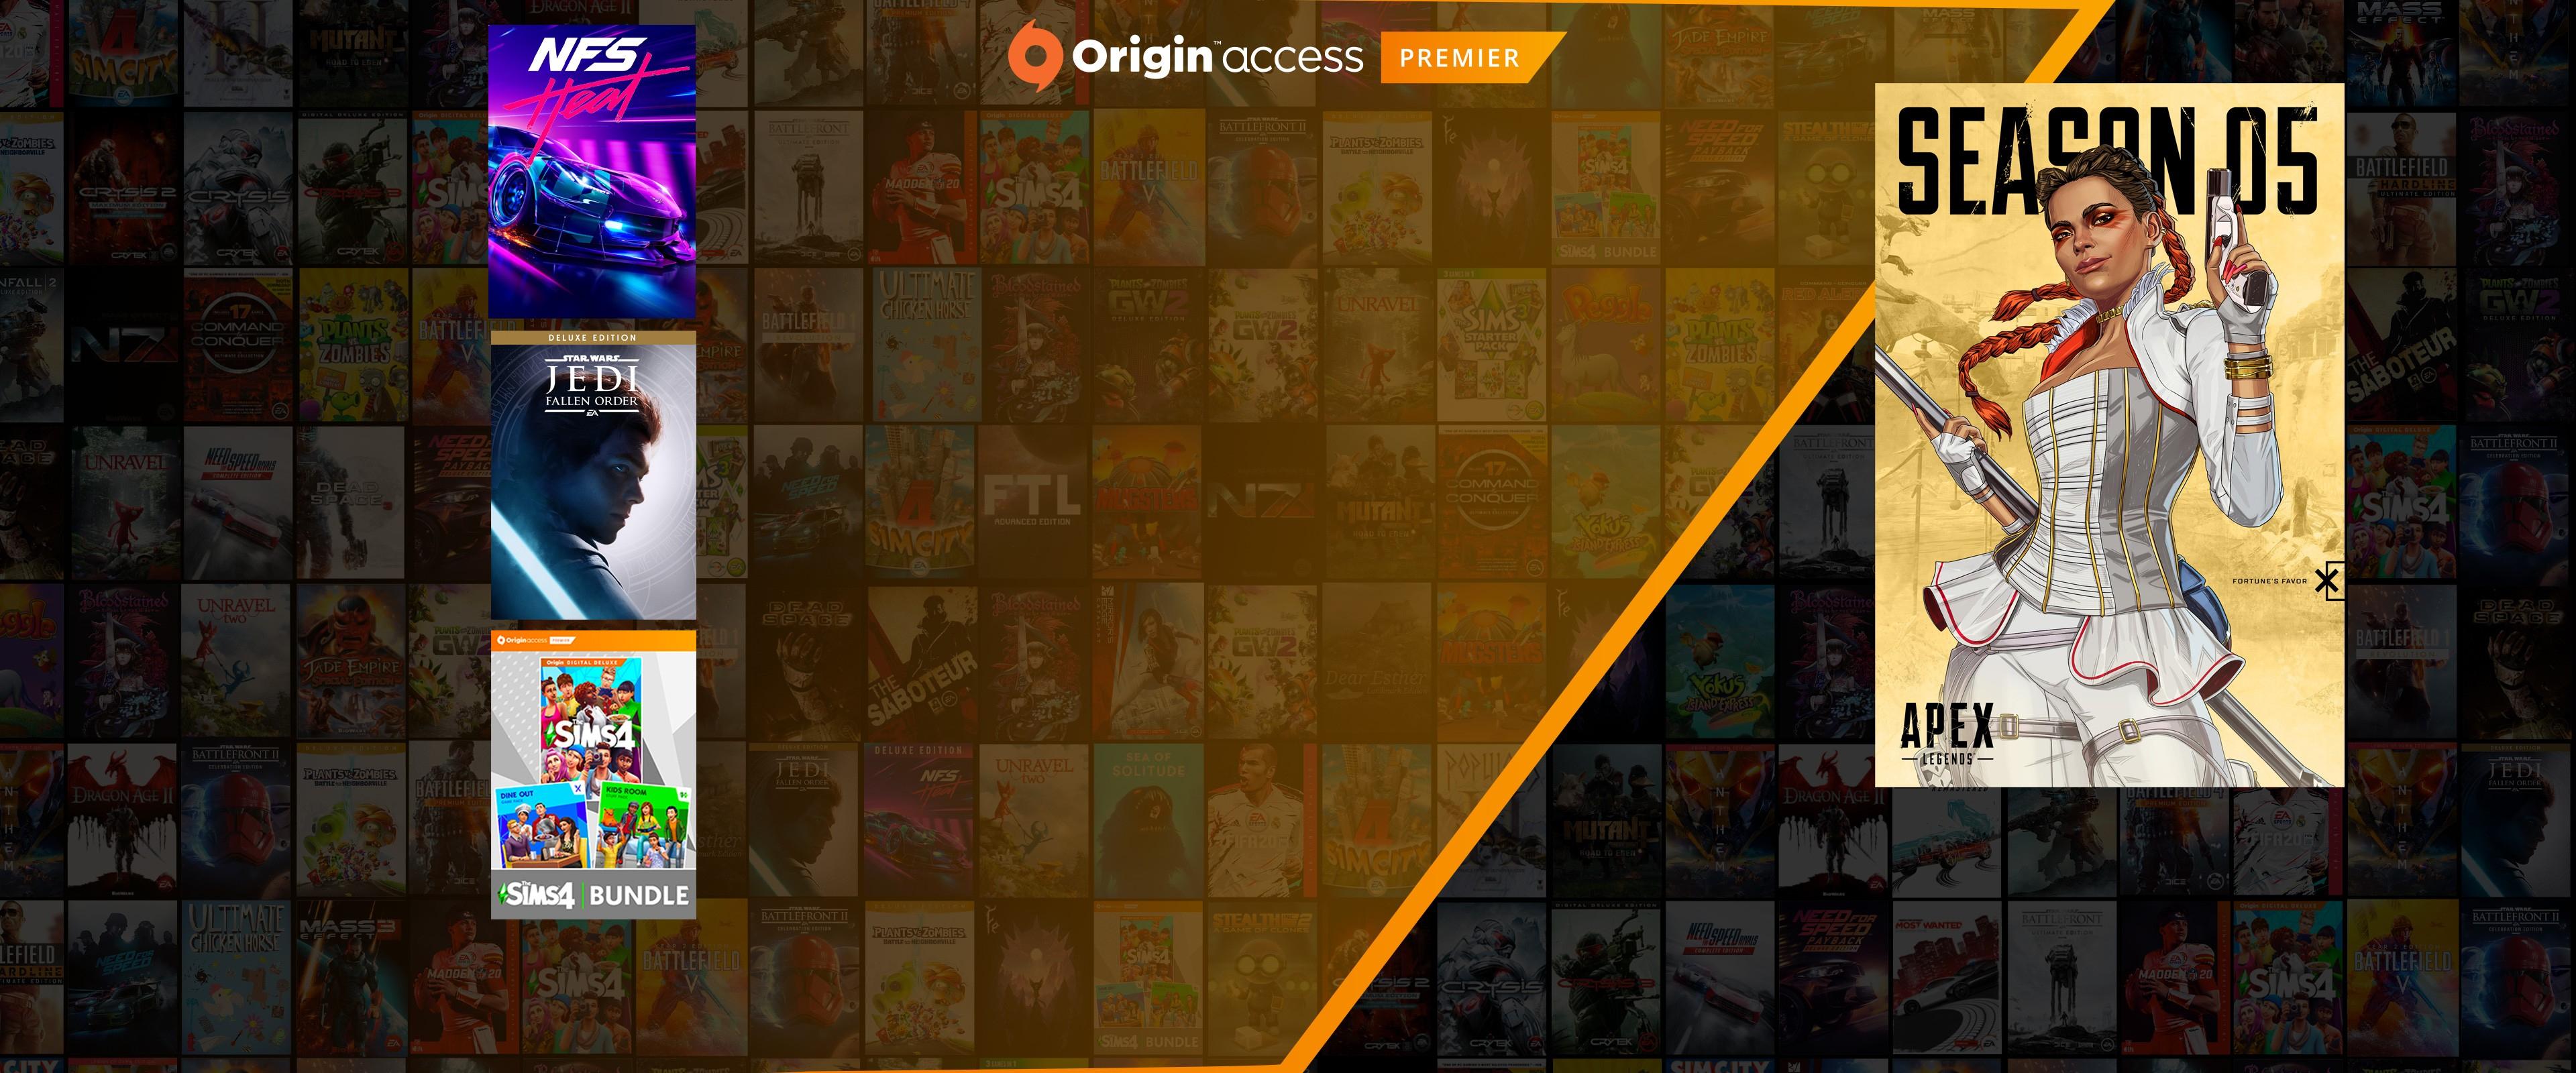 Apex Legends™ Pour Pc | Origin dedans Jeux De Puissance 4 Gratuit